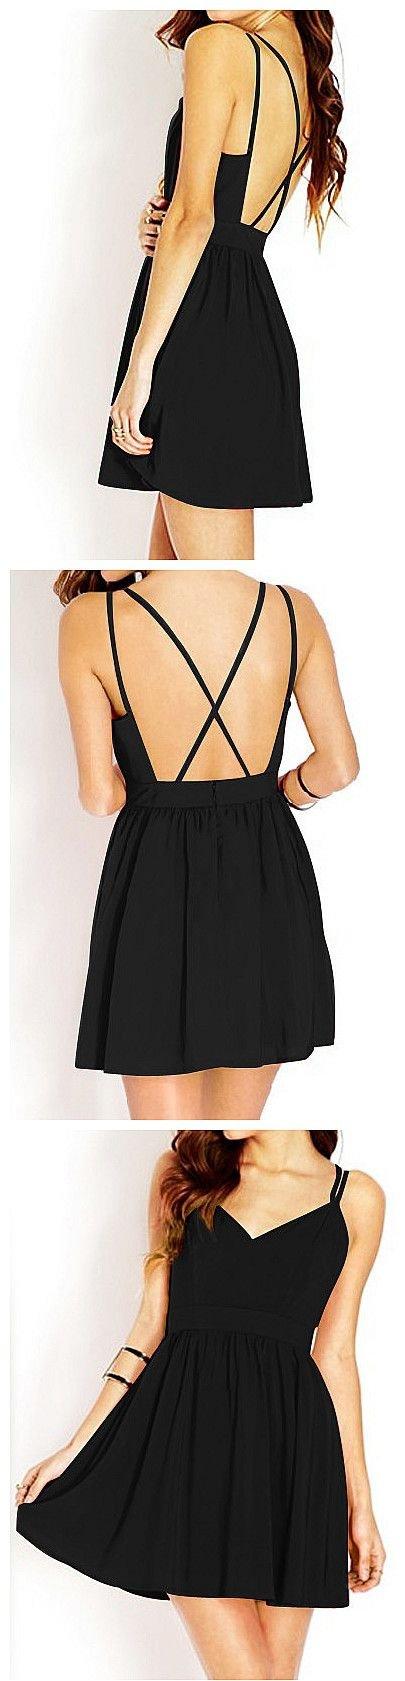 Crisscross Little Black Dress